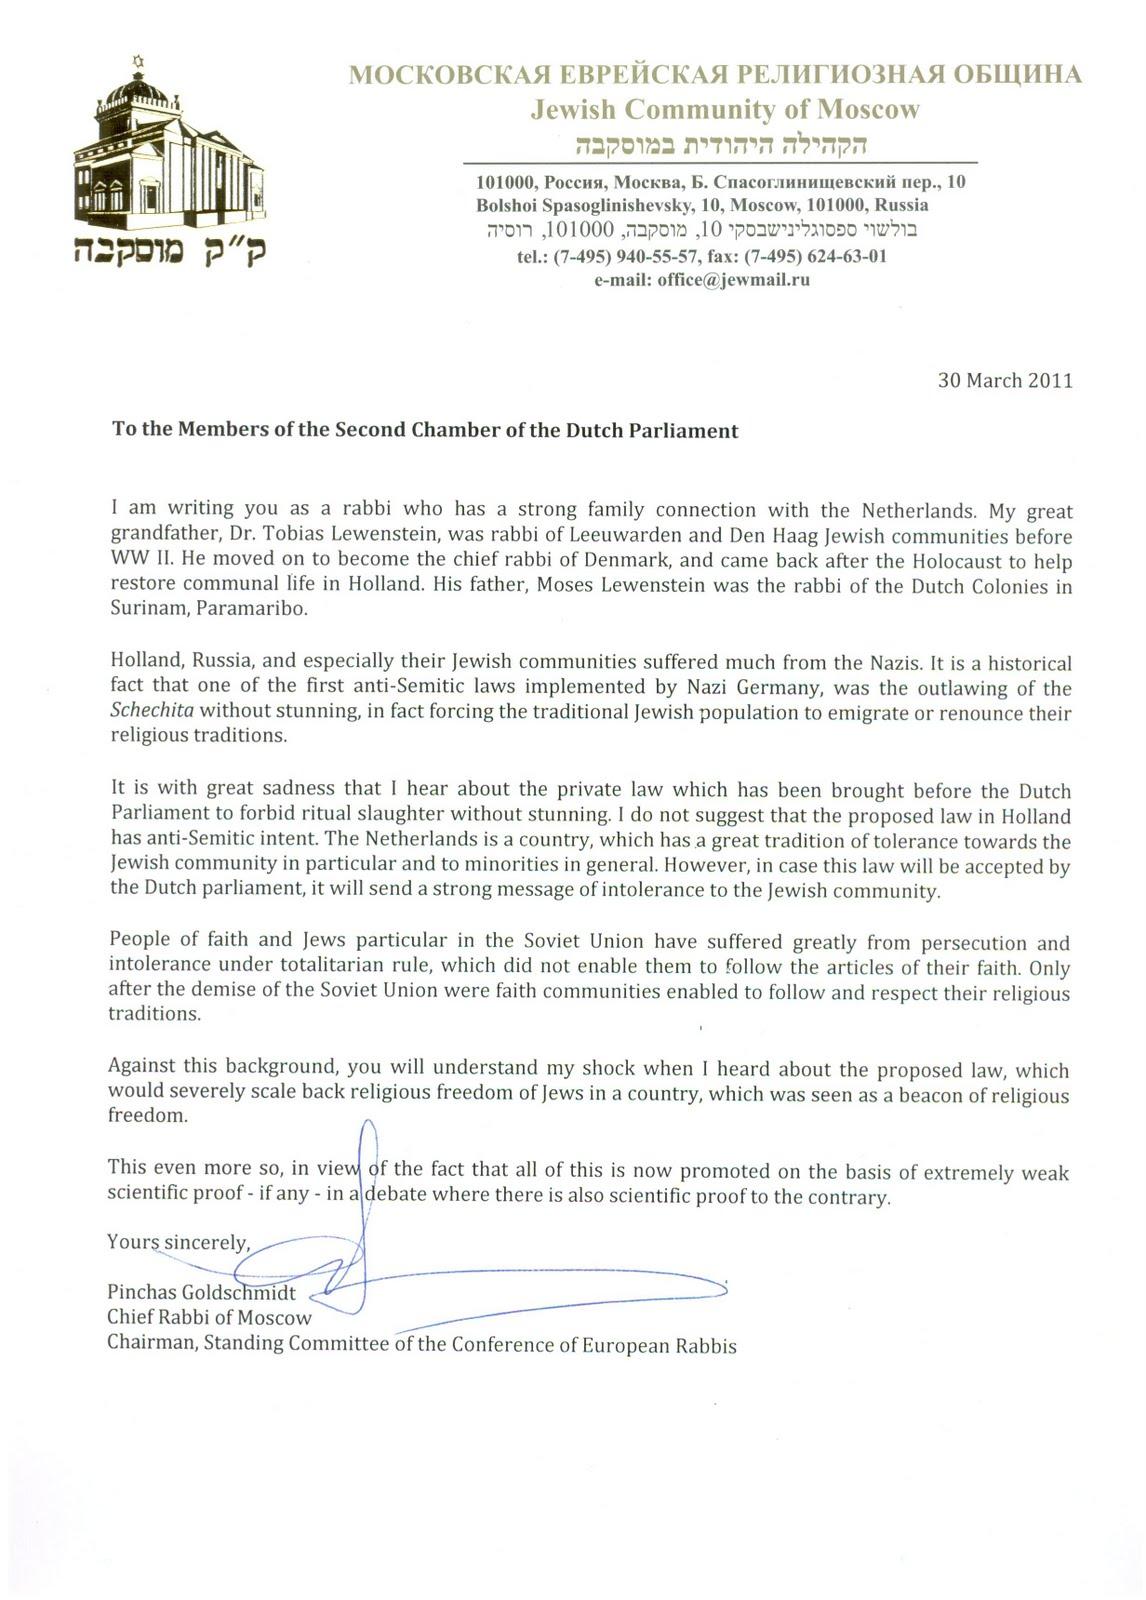 hoeiboei: Opperrabbijn van Moscou schrijft brief aan Tweede Kamer